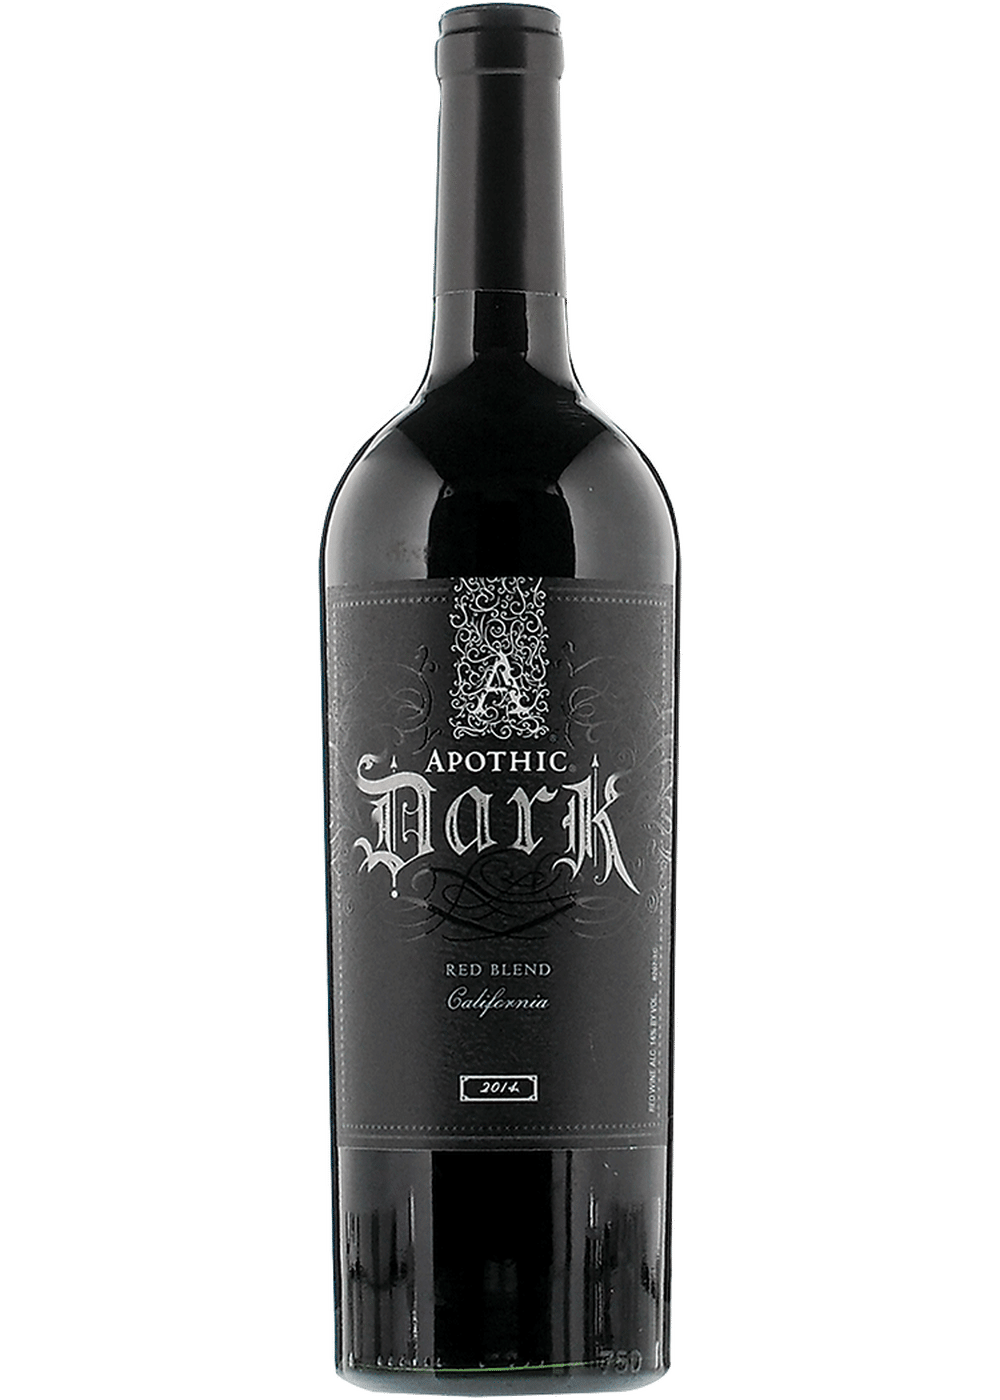 Apothic Dark Red Blend 750ml NV